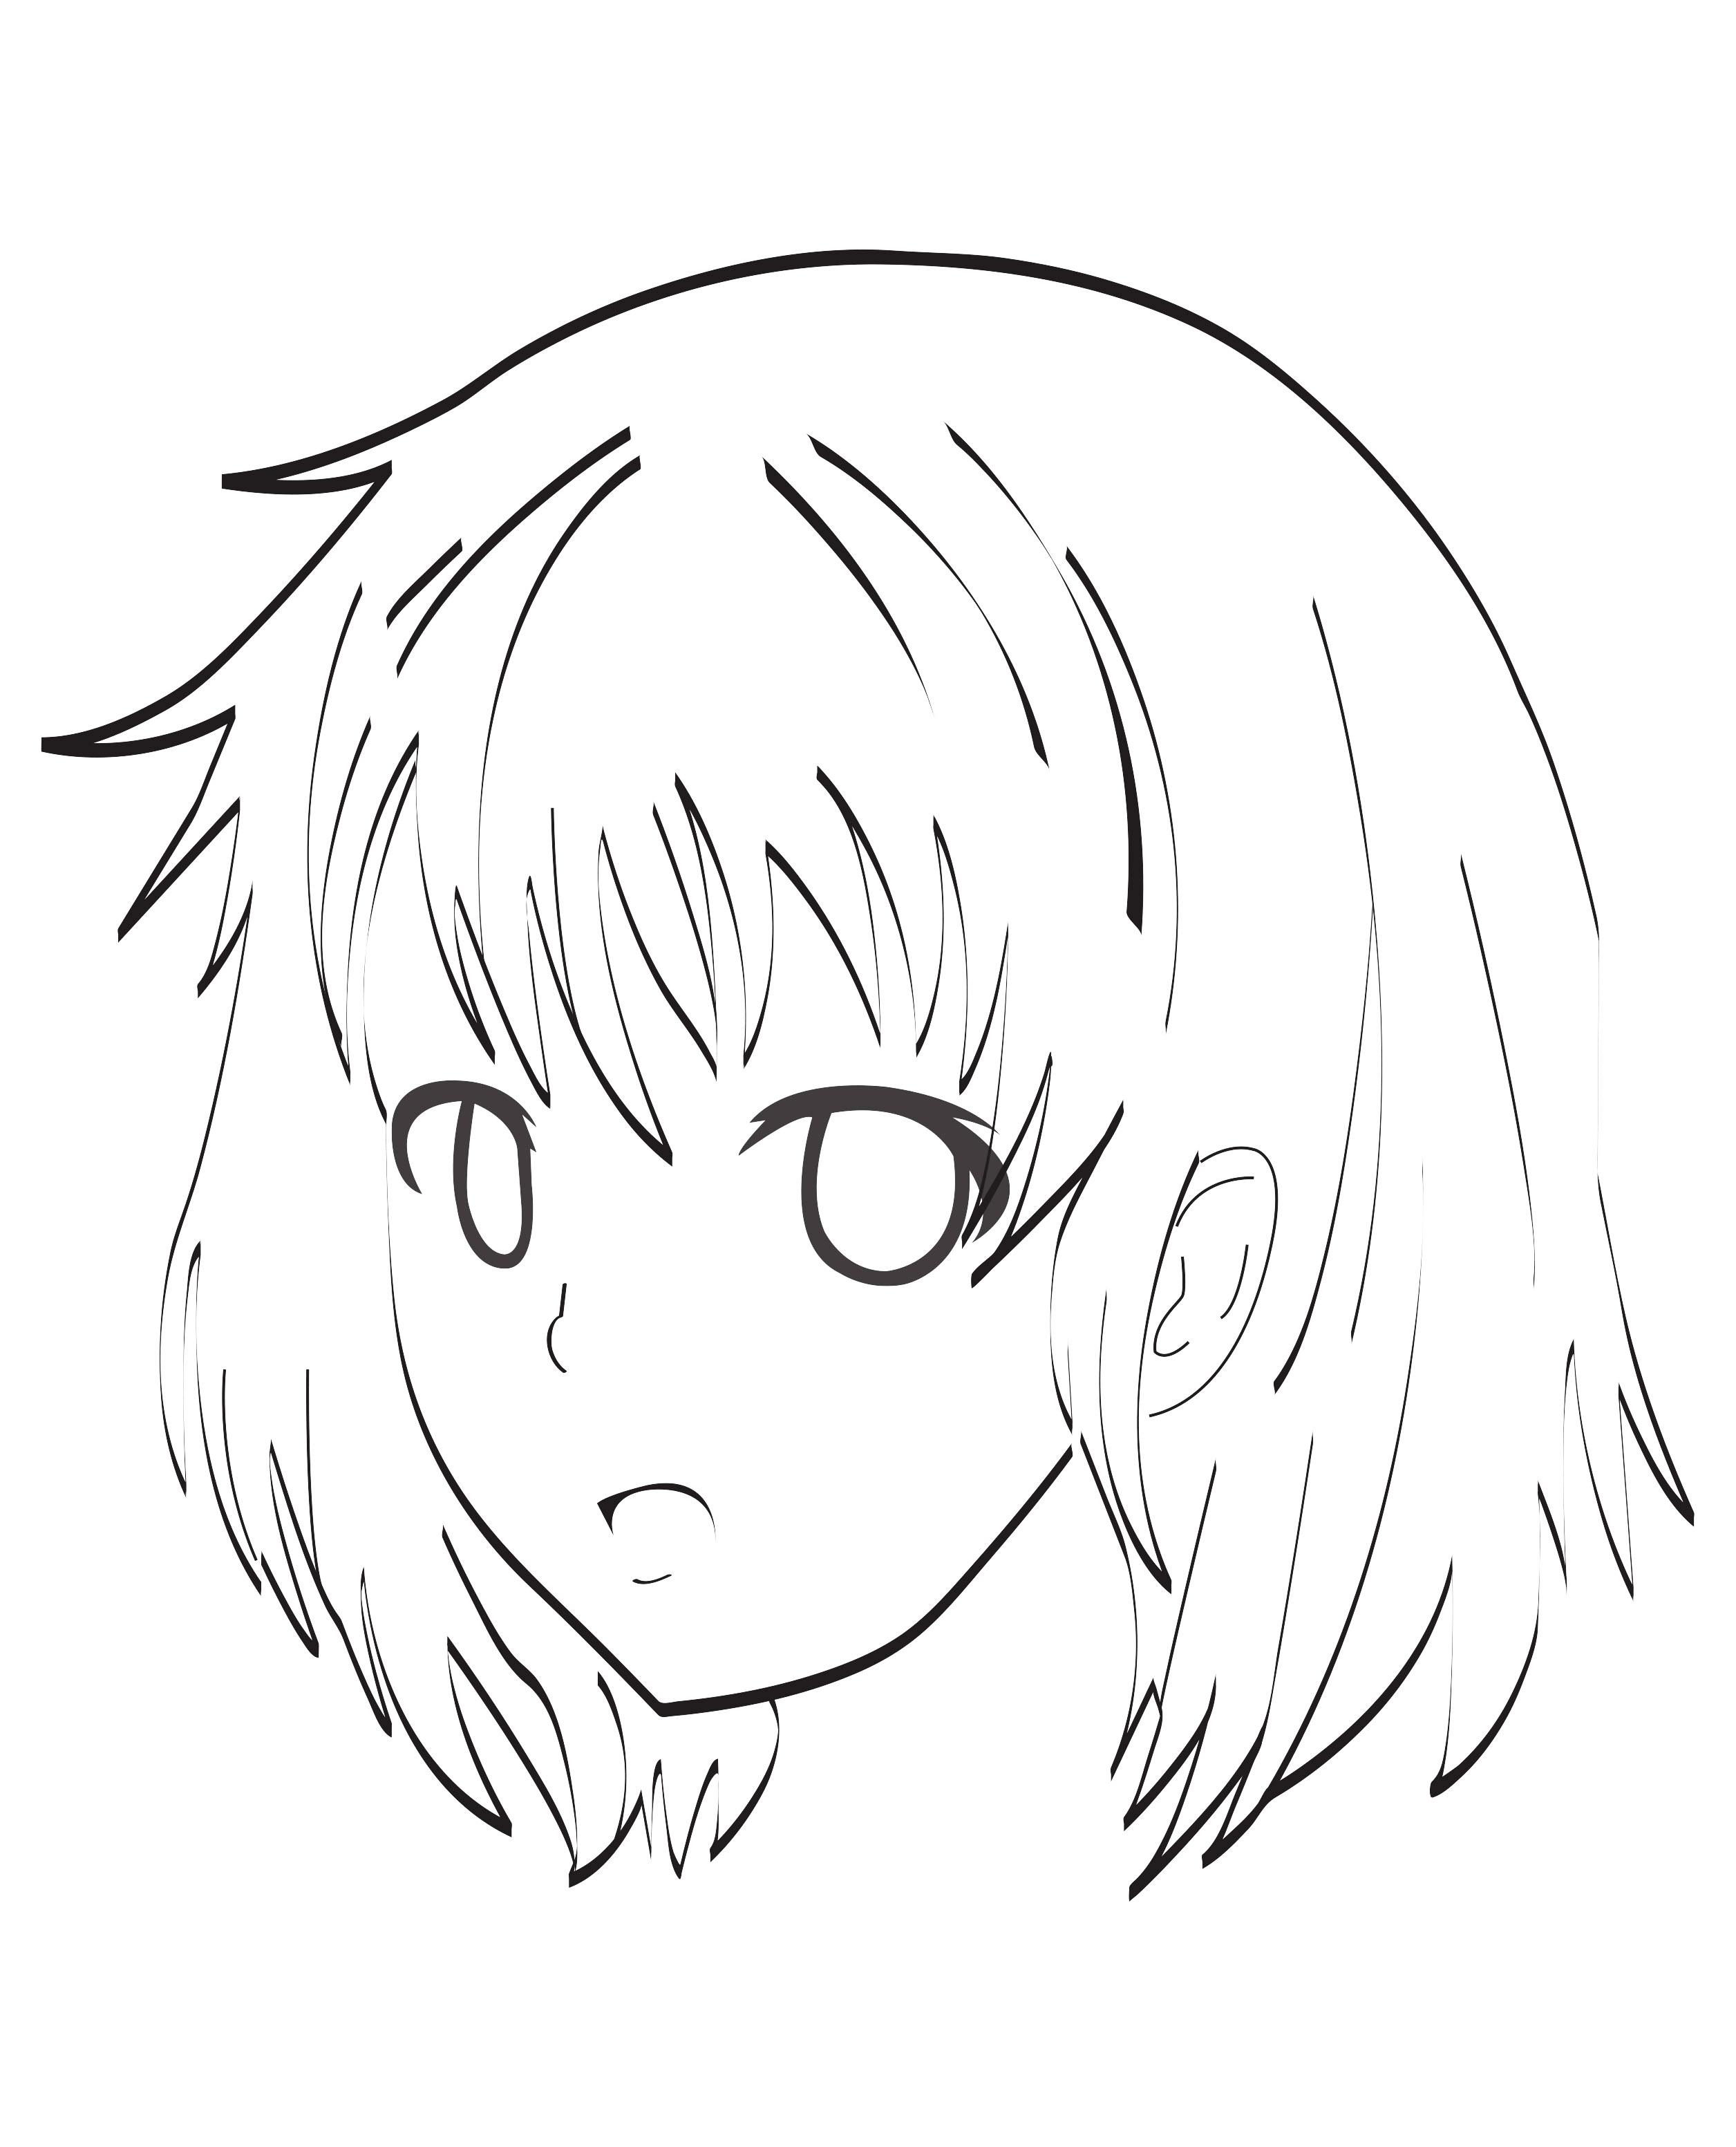 Manga Manga Kids Coloring Pages